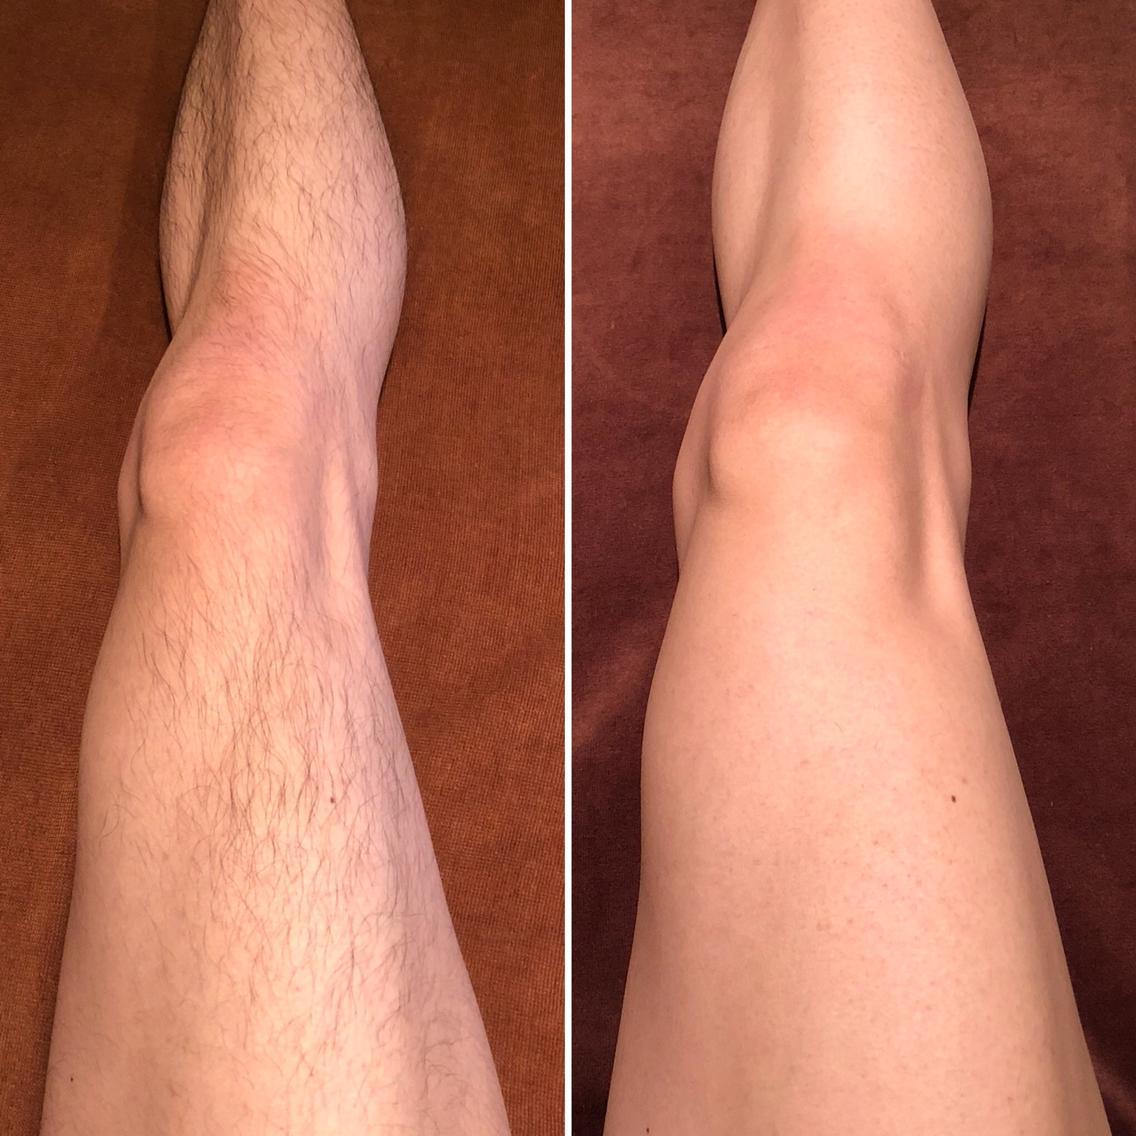 #その他 左◀️施術前 右▶️施術後1ヶ月(1ヶ月剃っていません)  1度の施術で減毛&脱毛&育毛がストップしました! 1度でもこんなに違いが出ますよ✨